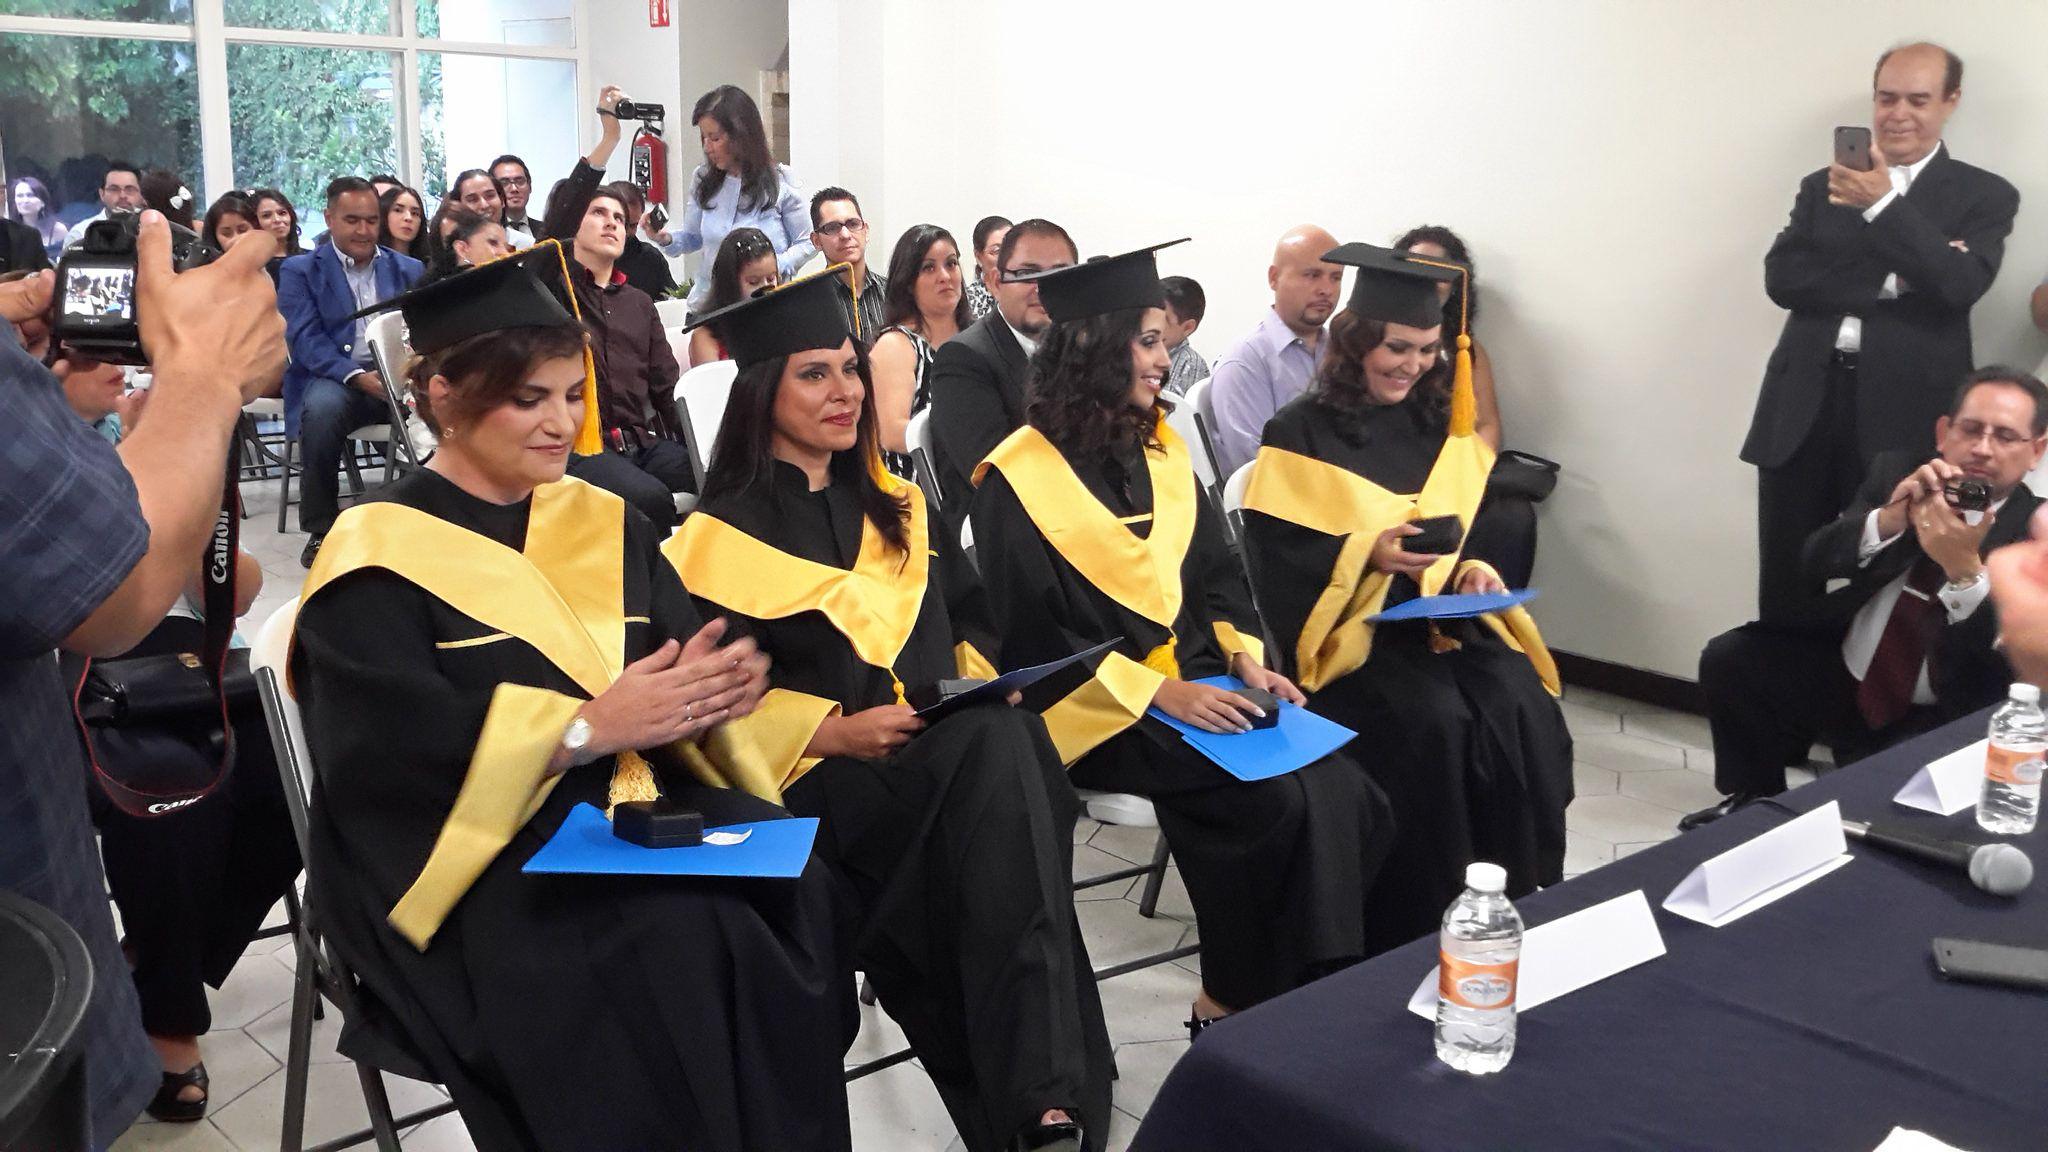 https://flic.kr/s/aHskjumBYL | Acto Academico Licenciatura en Psicología Clínica 2011-2015 | Acto Academico Licenciatura 2011_2015